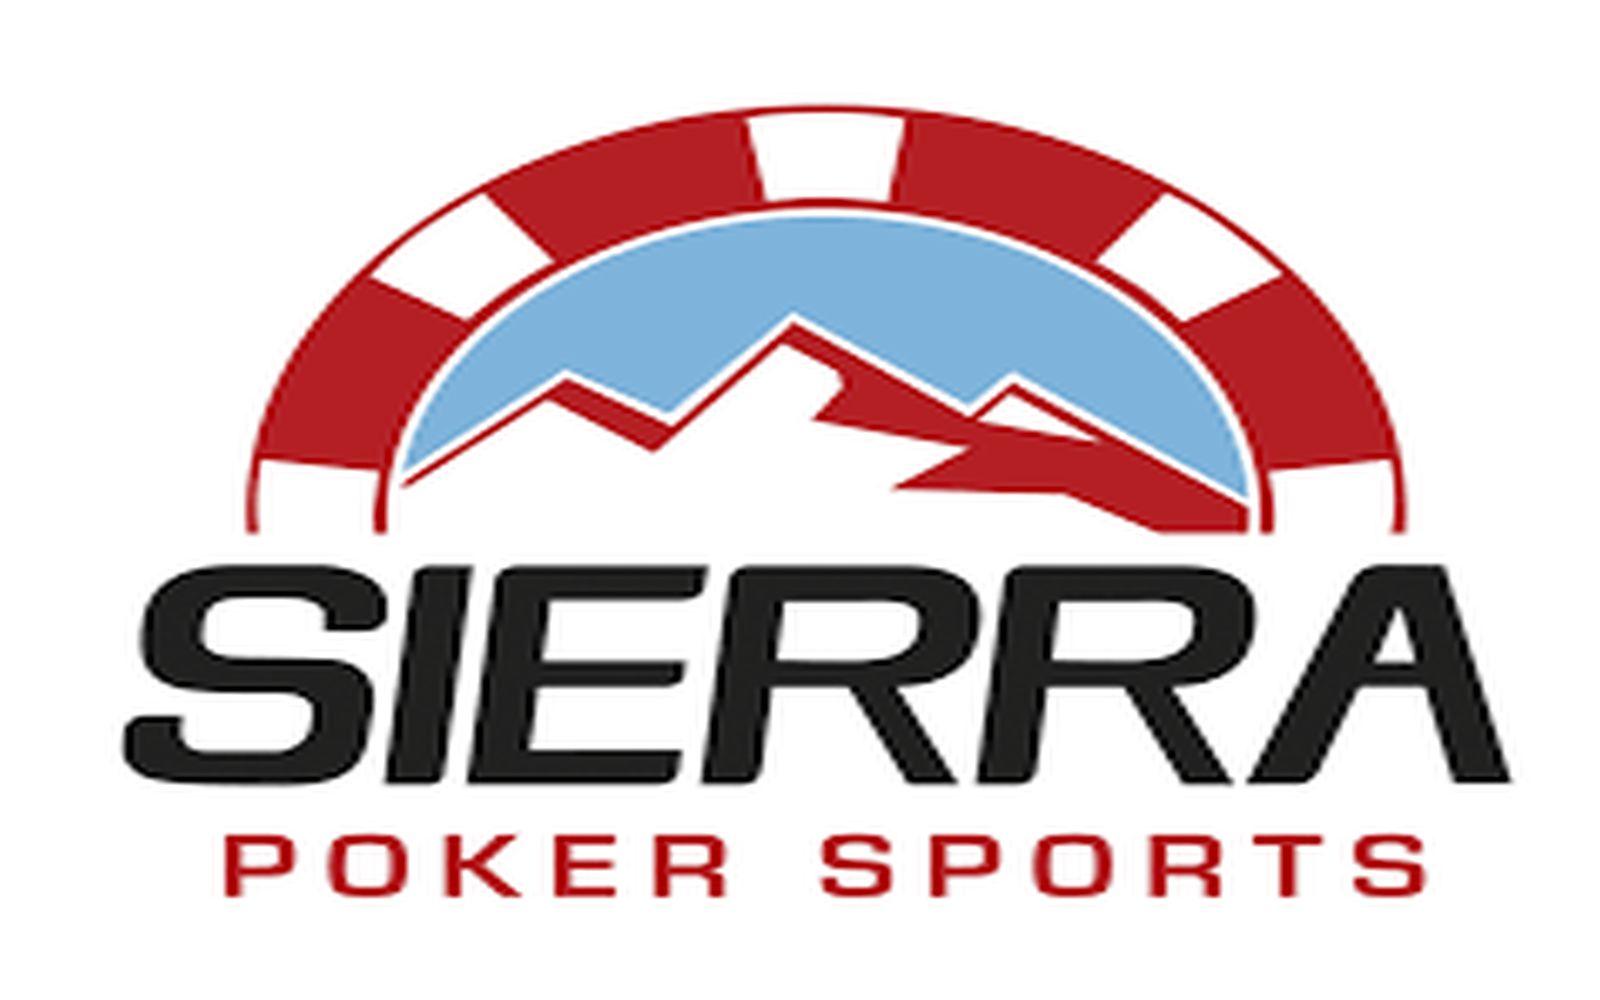 Sierra Poker Sports